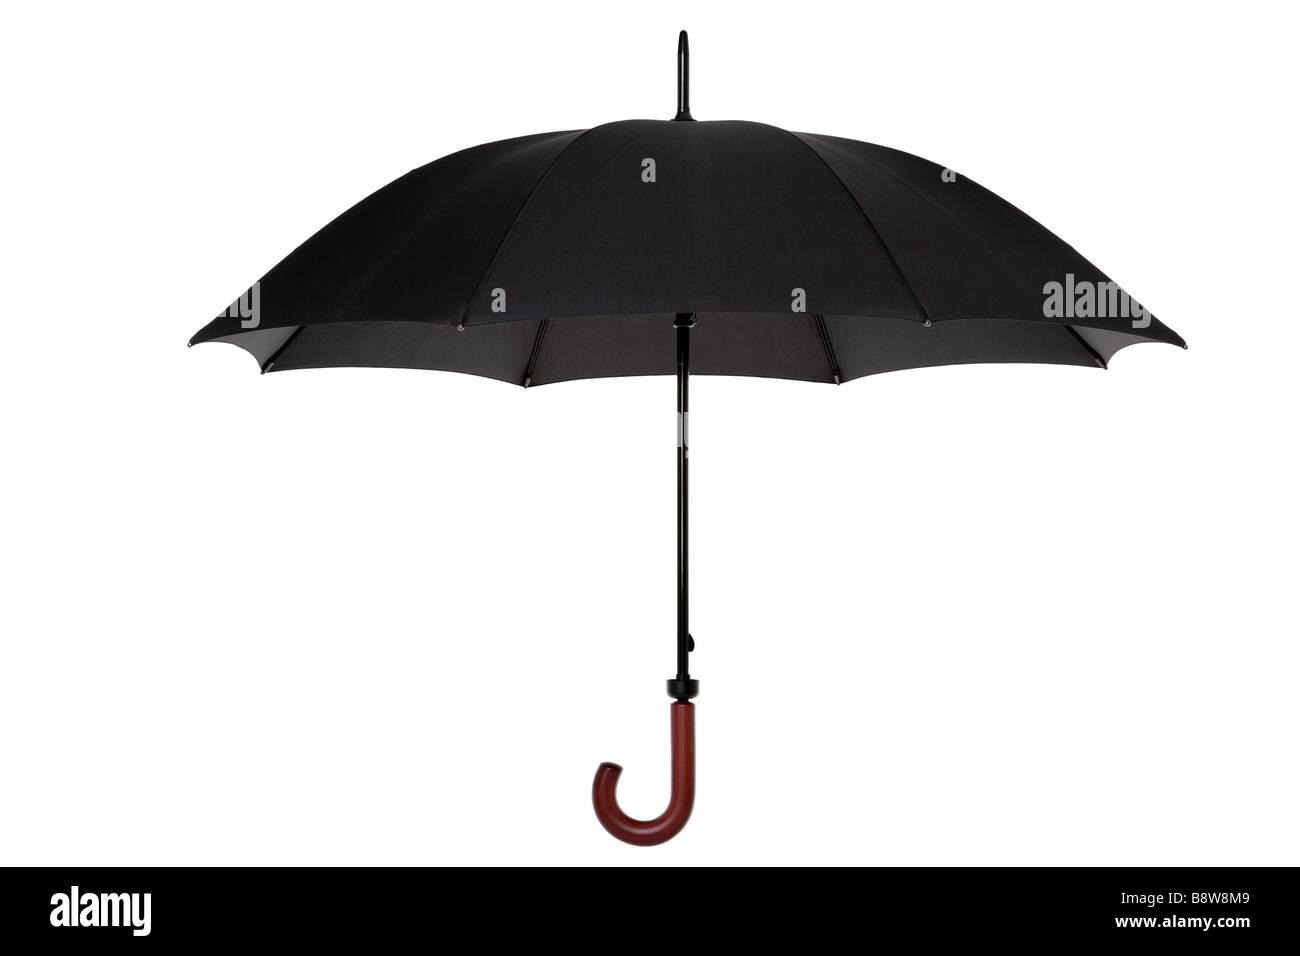 Offenen Schwarzen Regenschirm Mit Holzgriff Isoliert Auf Weissem Hintergrund Stockbild